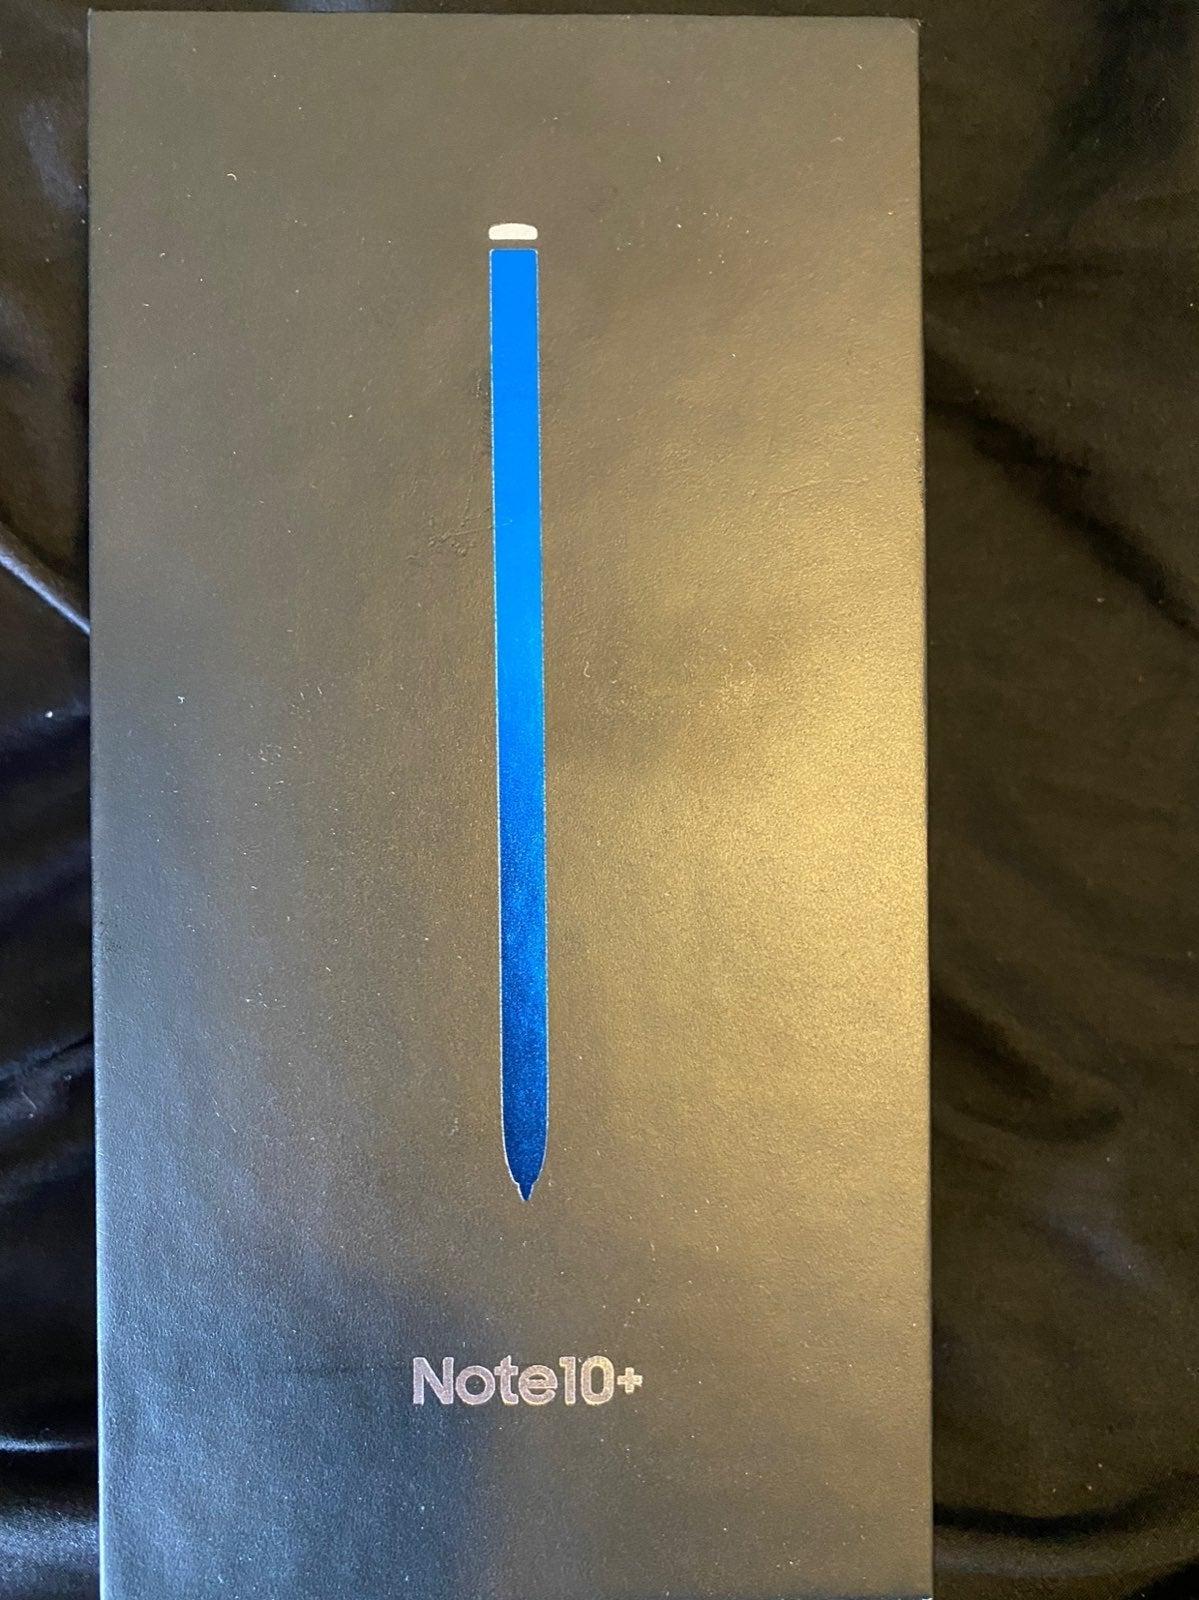 Samsung galaxy note 10+ 256 gig